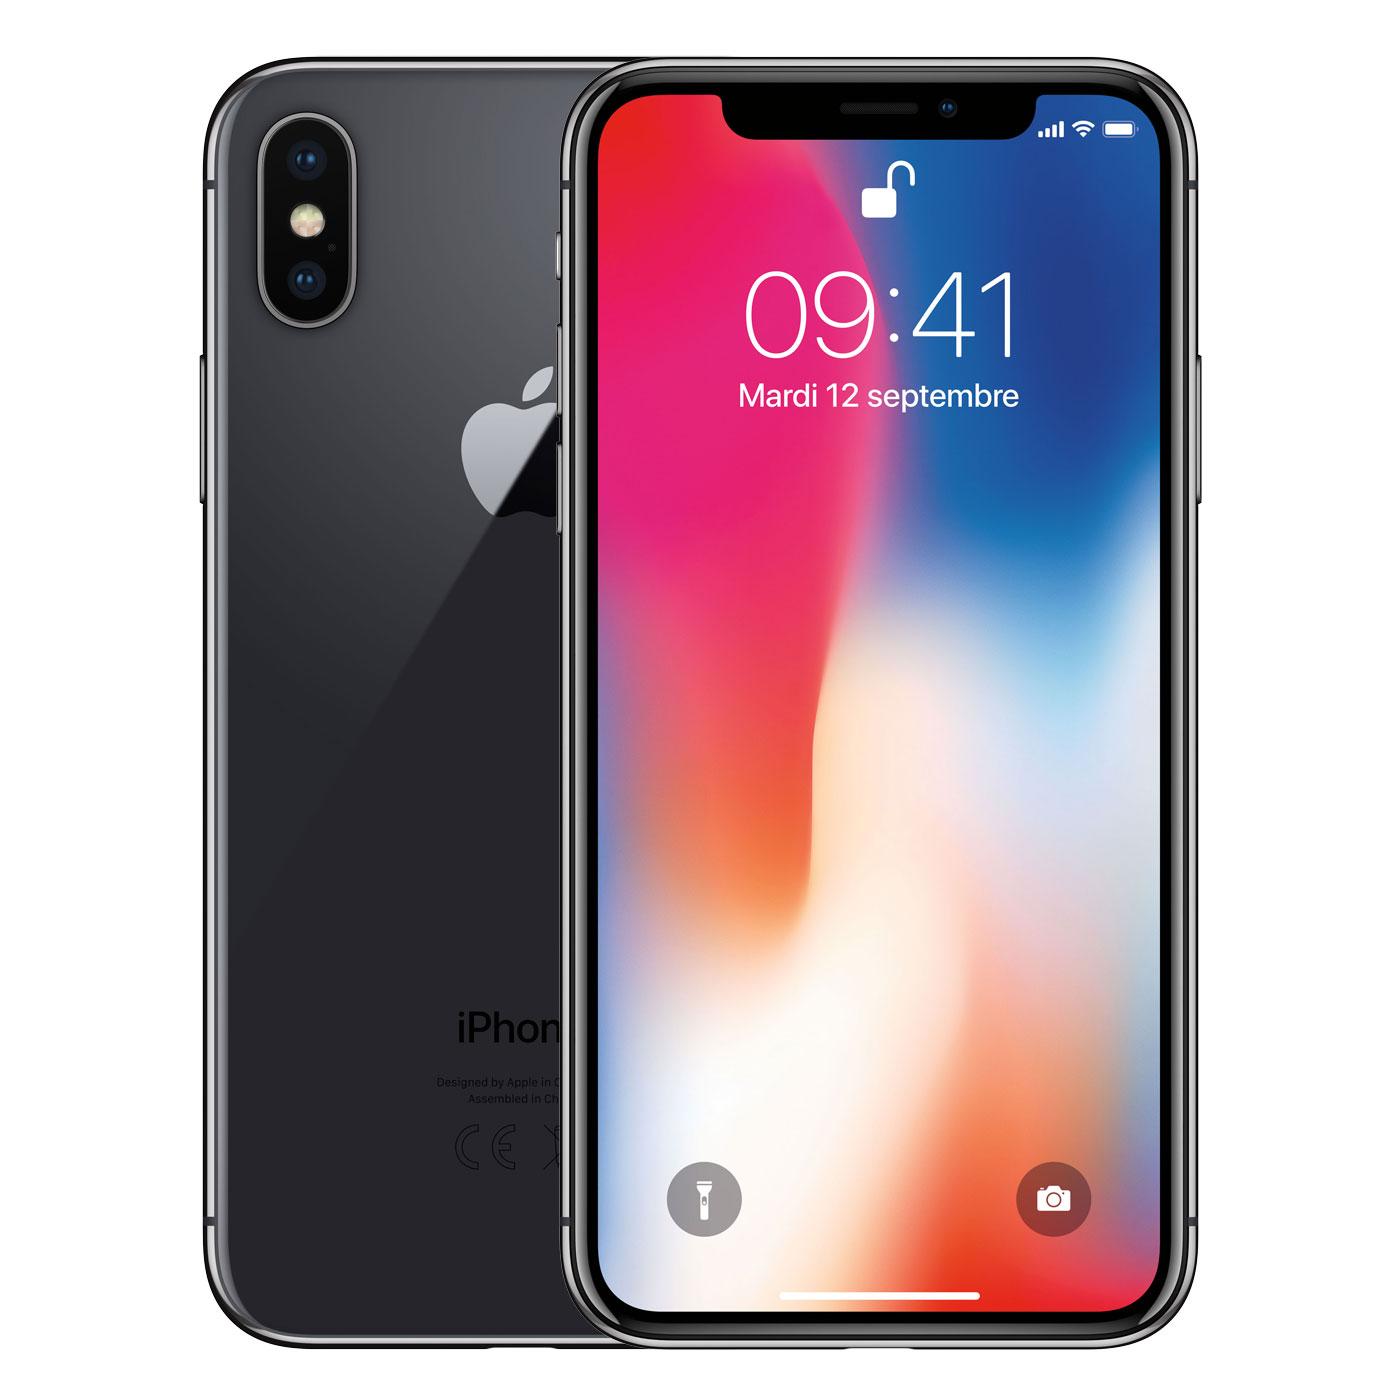 cf5e43101c0009 Il reste très onéreux, mais c est encore la quintessence des smartphones  iOS. Amazon profite de l événement pour proposer une promotion 290 euros  par ...